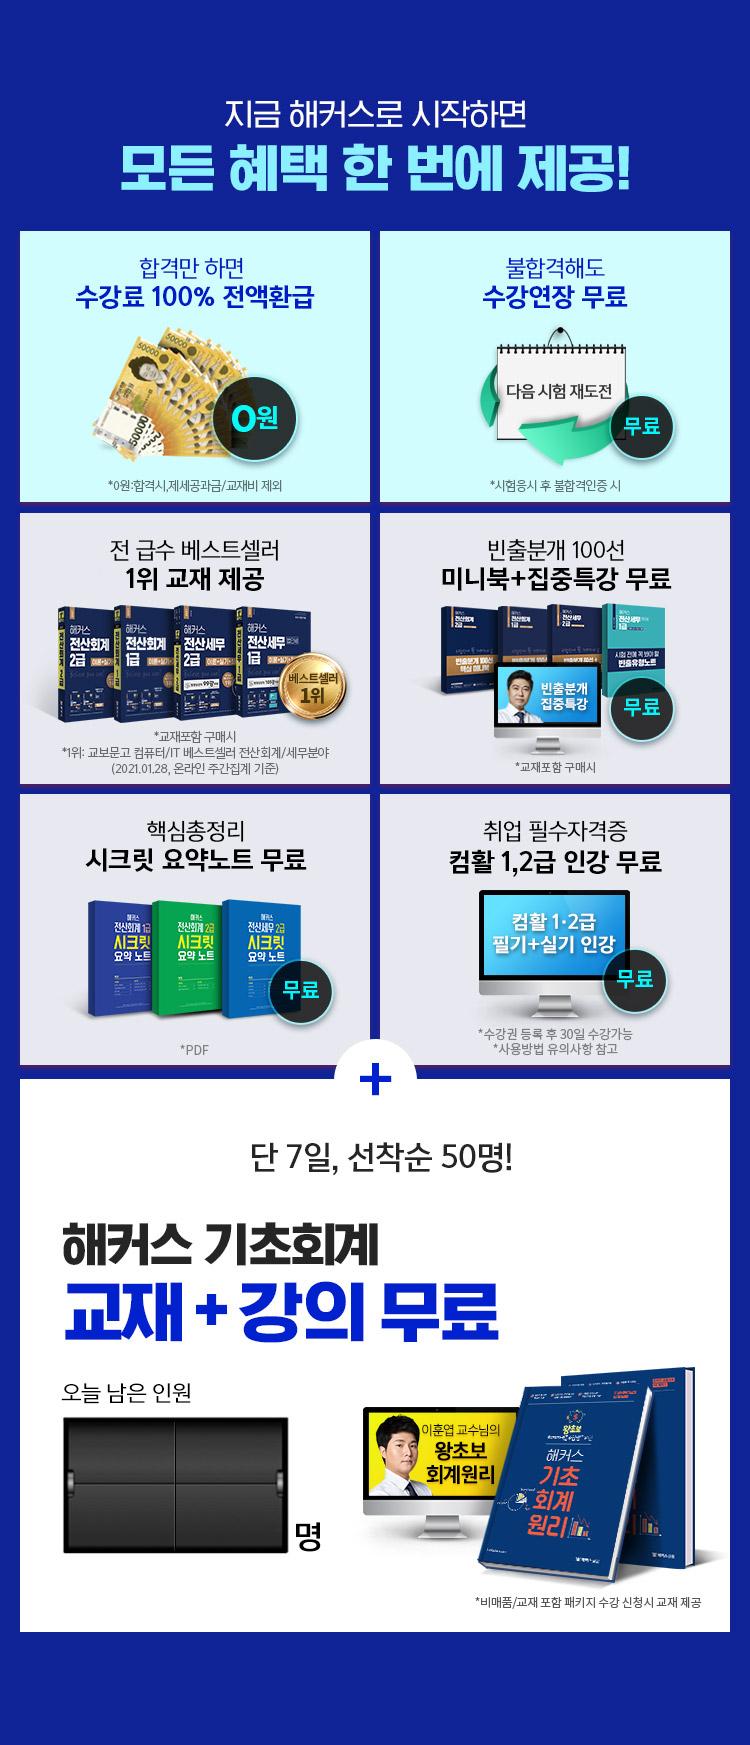 전산세무회계자격시험 무료 혜택 해커스금융 베스트셀러 1위,한국세무사회자격시험